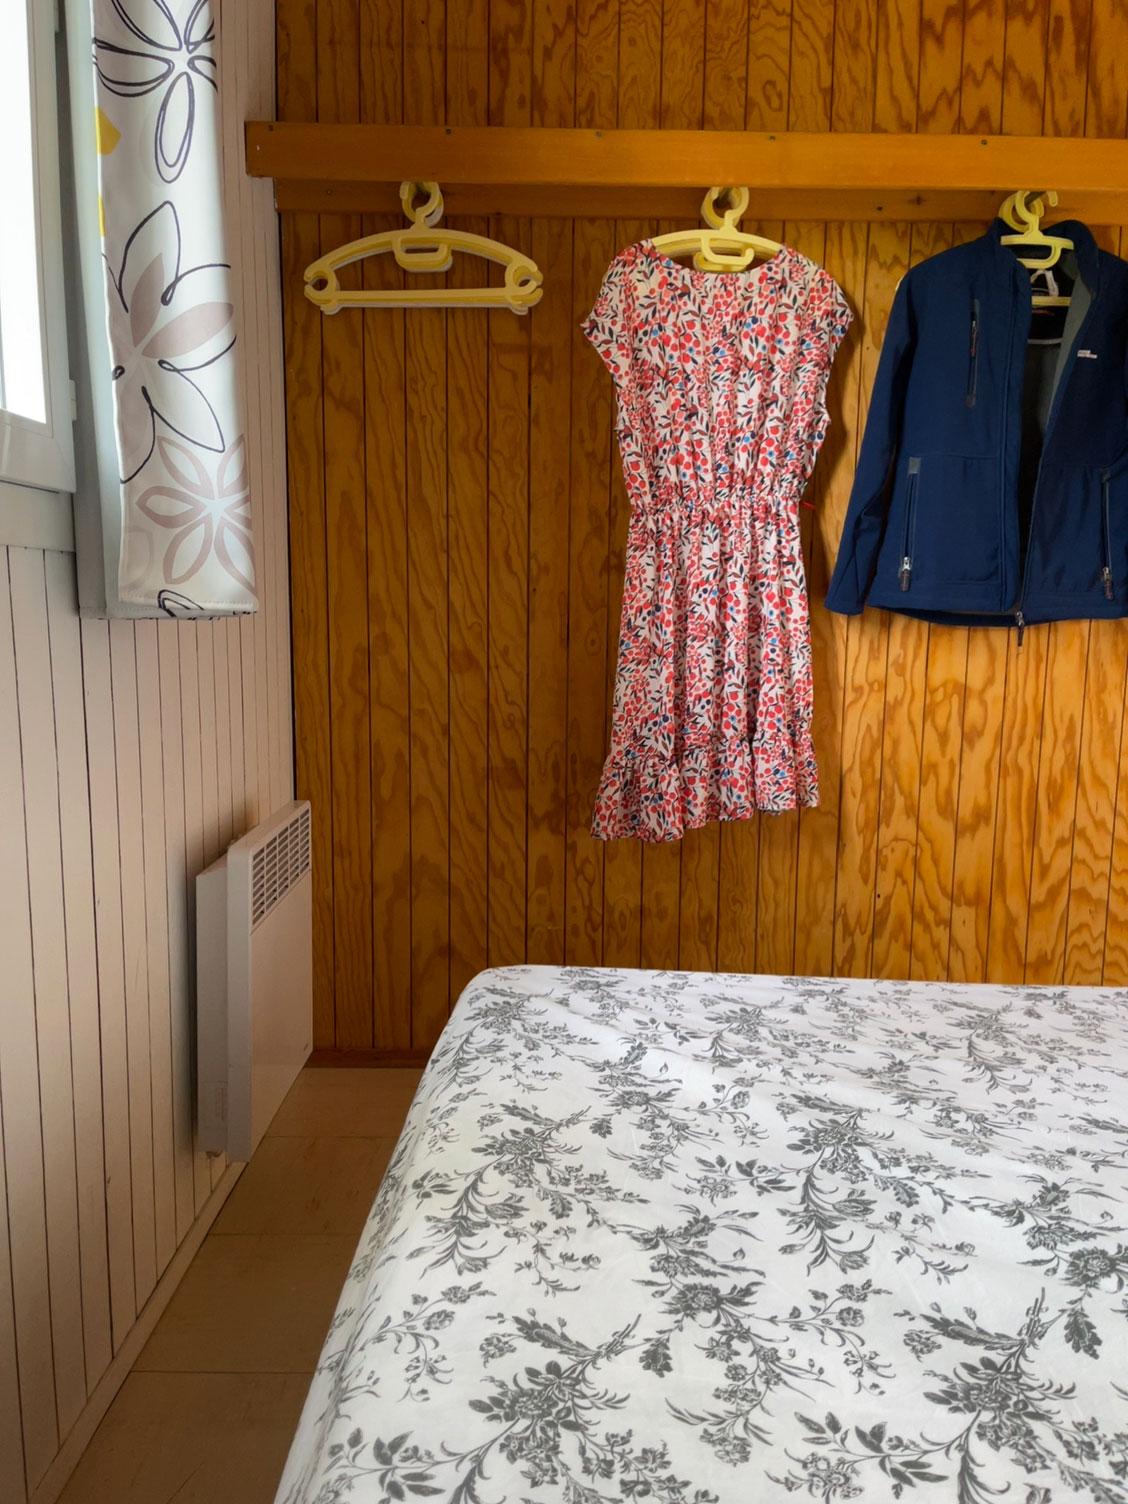 galerie-photos-location-chalet-camping-5-personnes-rangement-chambre-le-port-de-moricq